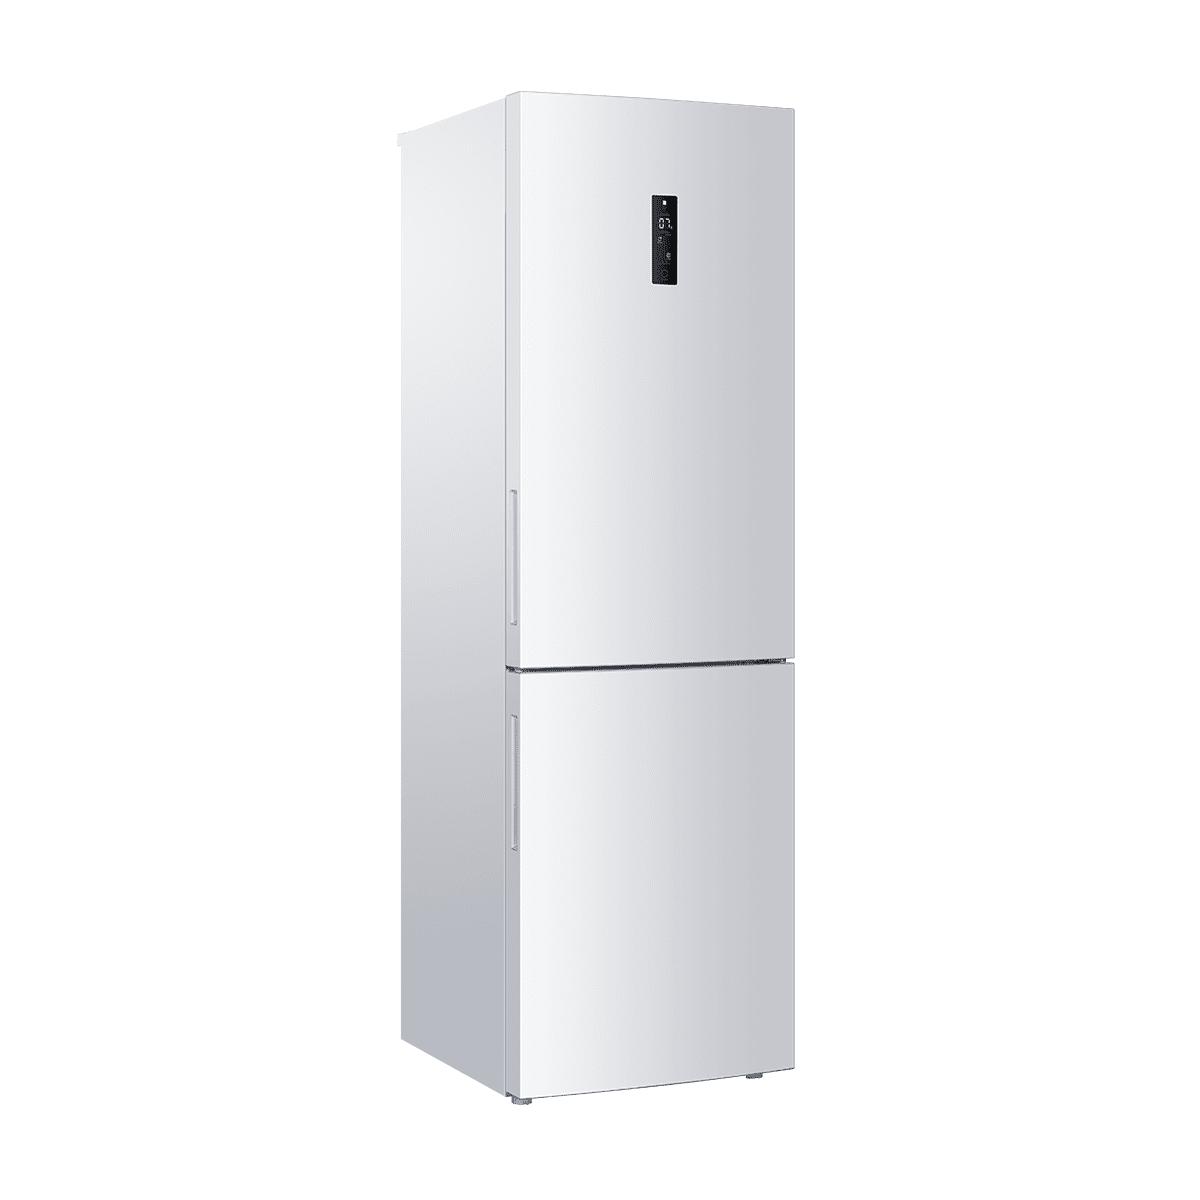 Холодильник HAIER C2FE736CWJ